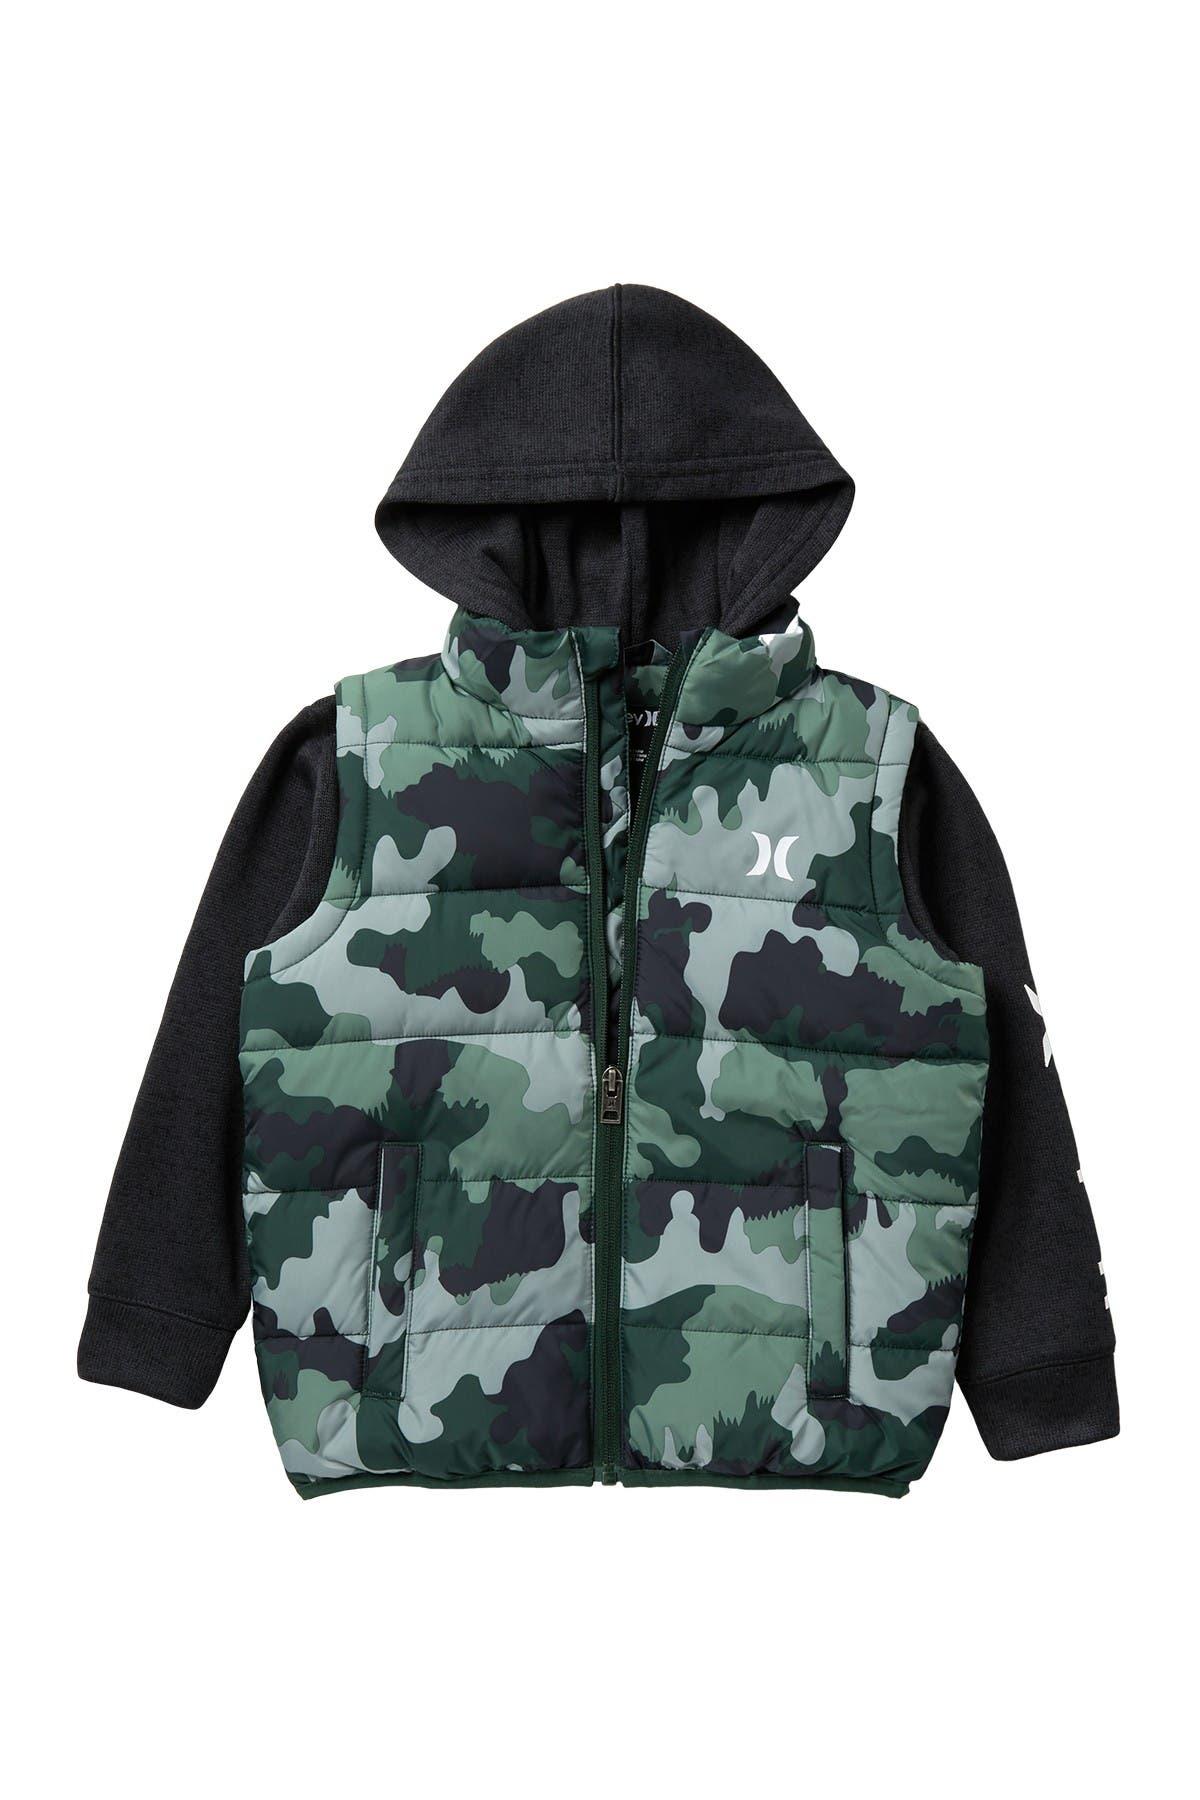 Image of Hurley Hooded Twofer Jacket